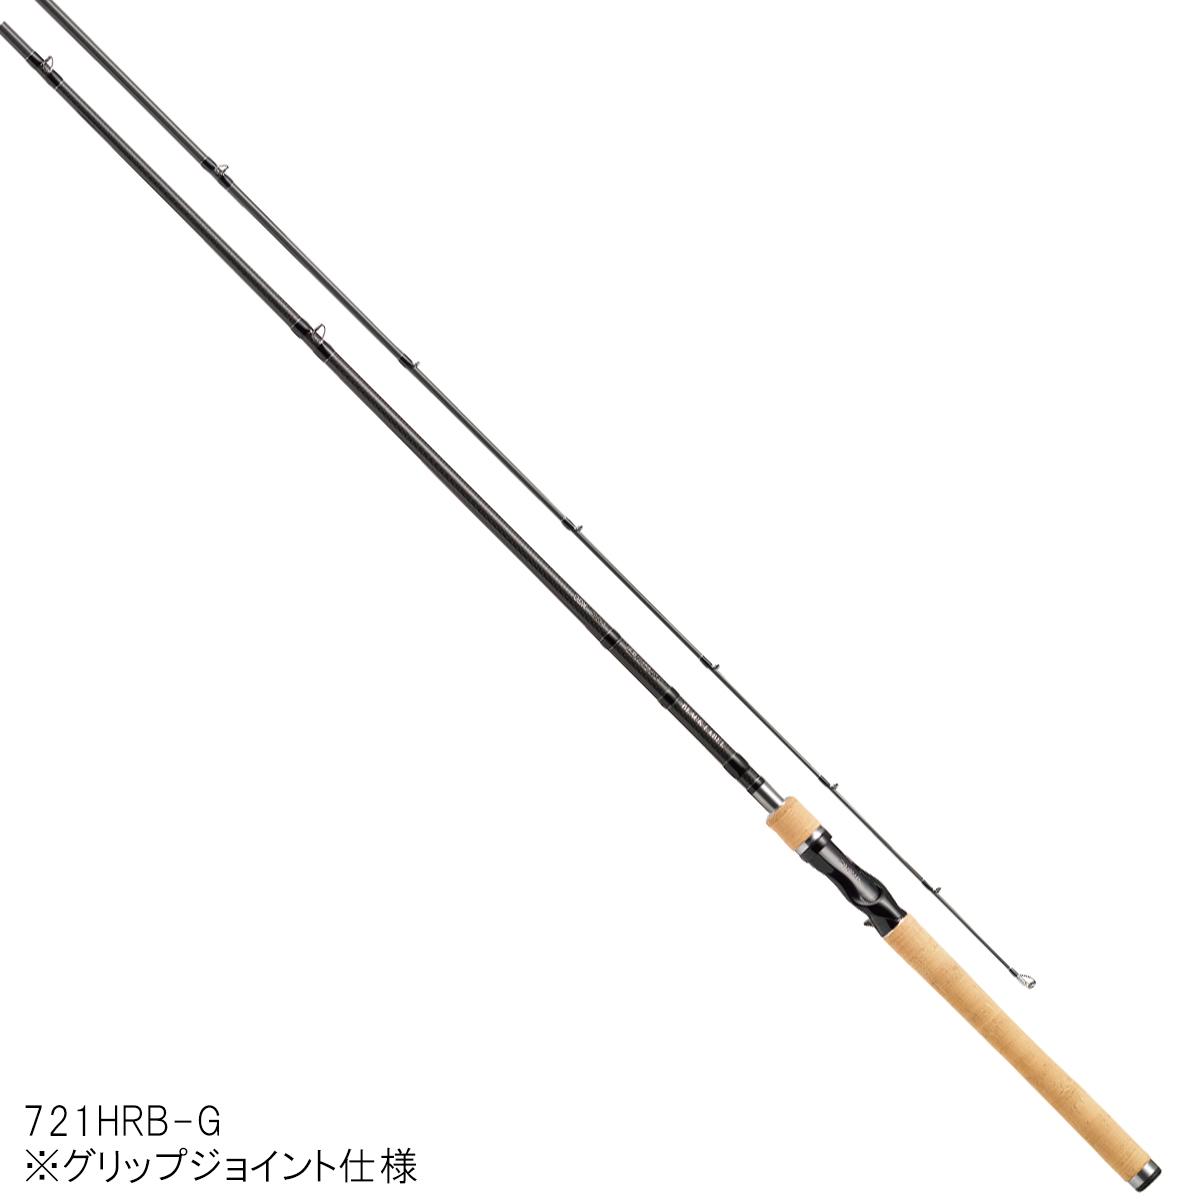 ダイワ ブラックレーベル+ ベイトキャスティングモデル 721HRB-G【大型商品】